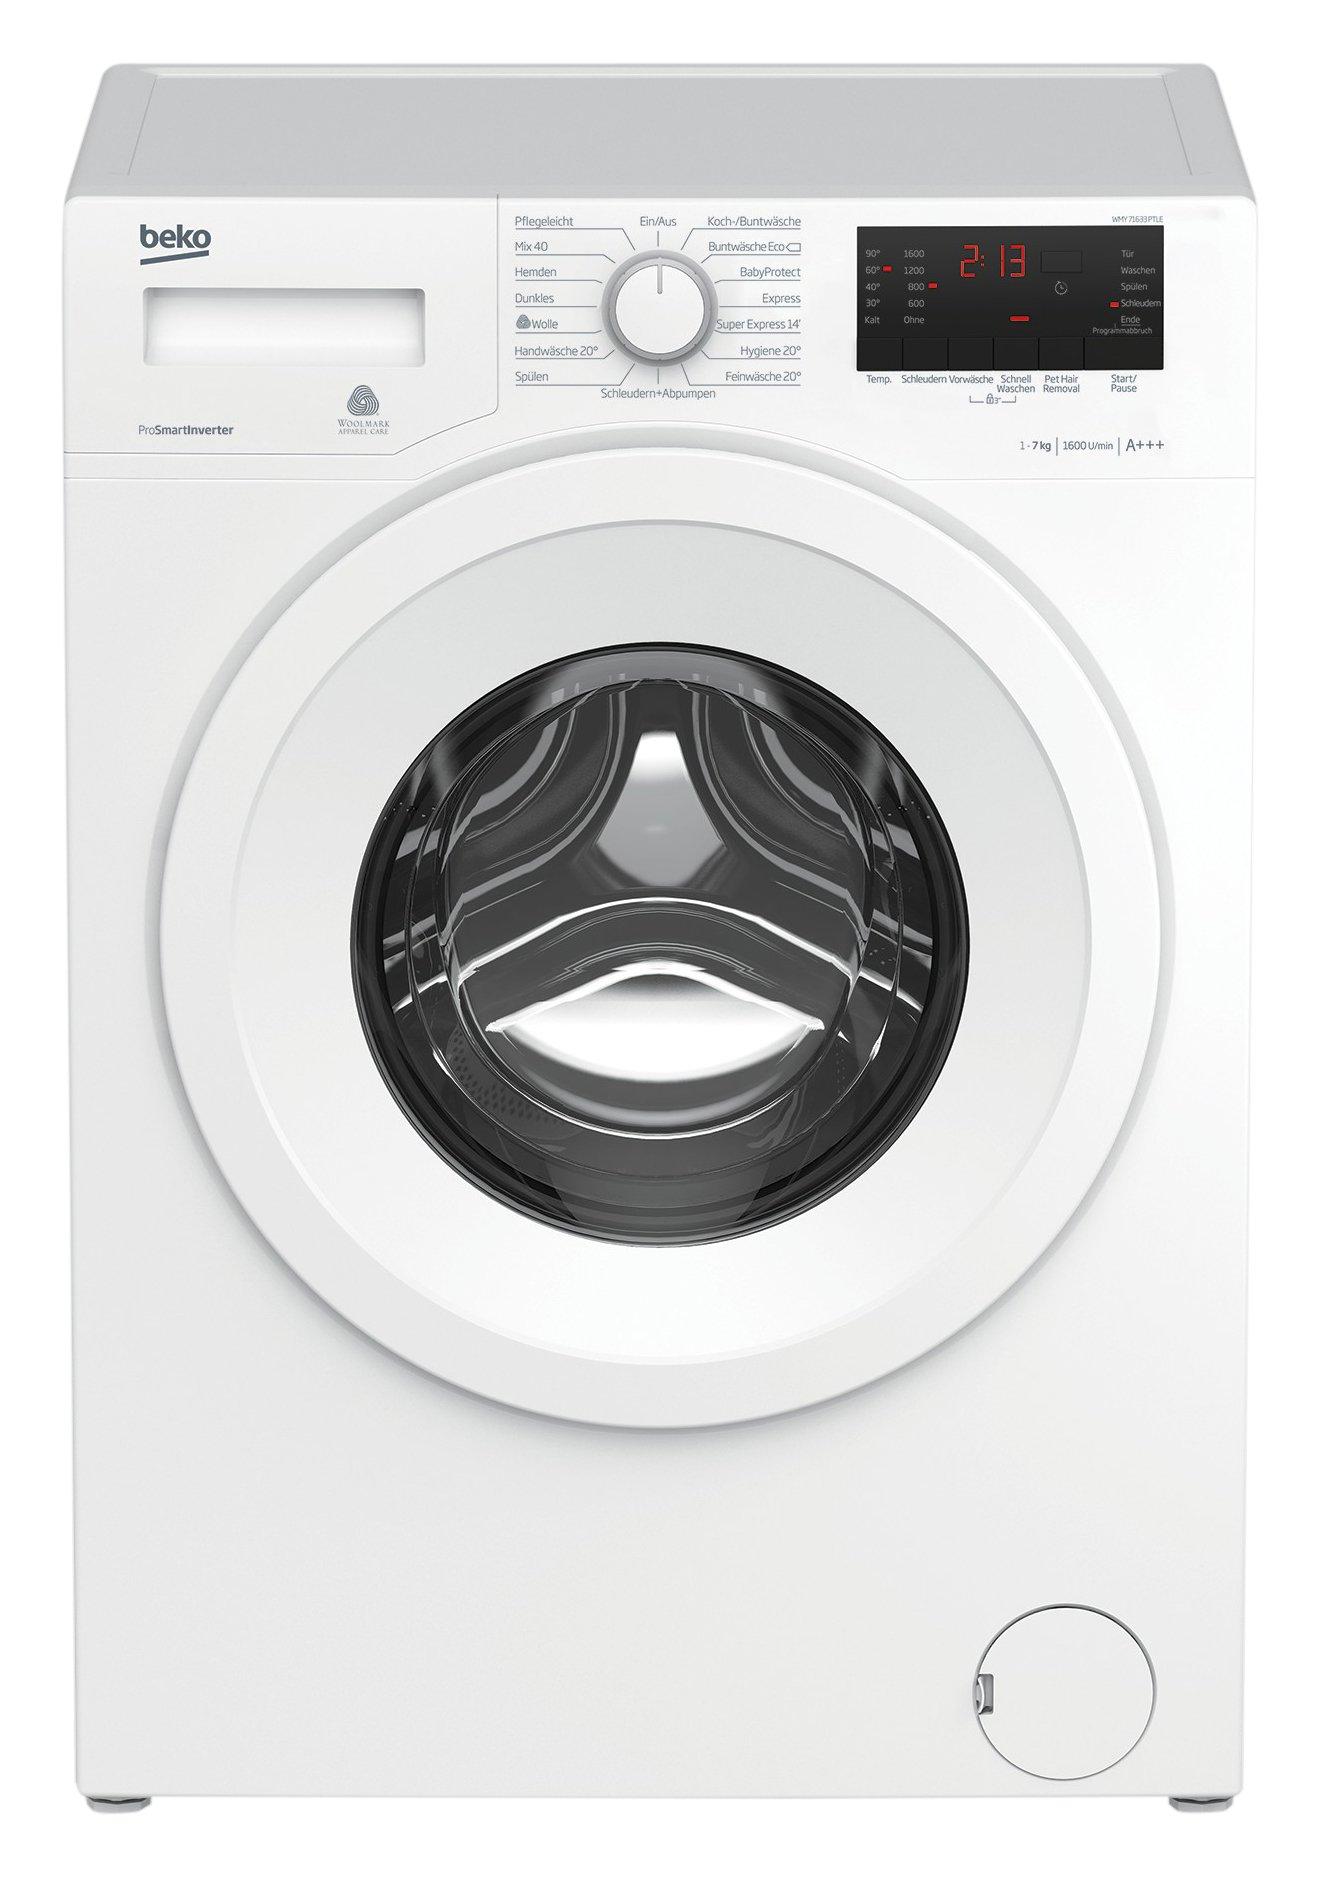 Beko-WMY-71633-PTLE-Waschmaschine-A-1600UpM-Schnellwaschen-wei-15-Programme-Baby-Protect-Waschen-Kindersicherung-Mengenautomatik-Pet-Hair-Removal-ProSmart-Inverter-Motor-Watersafe